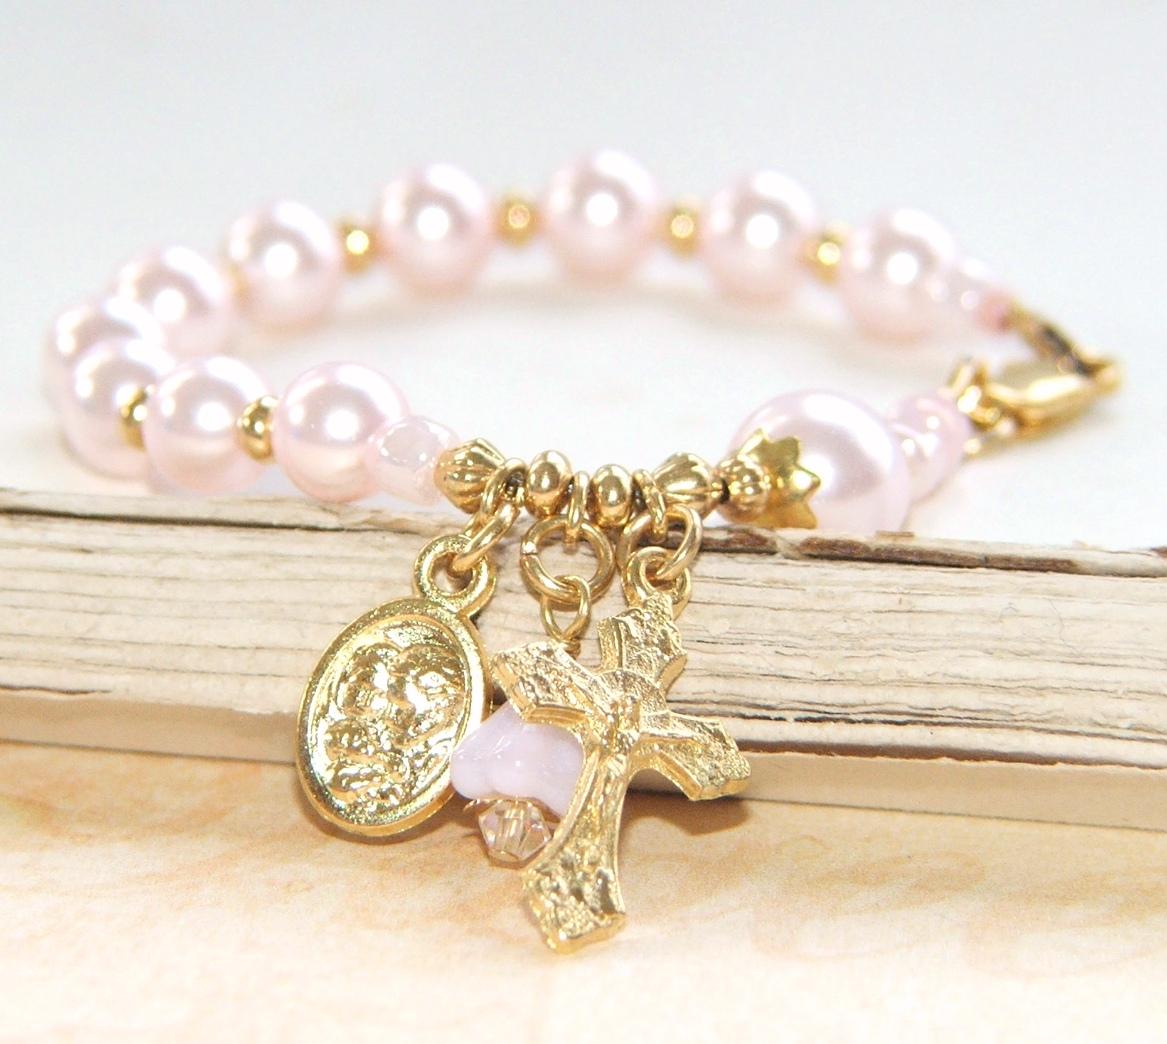 Baby Gifts For Catholic Baptism : Catholic baby bracelet rosary for girl